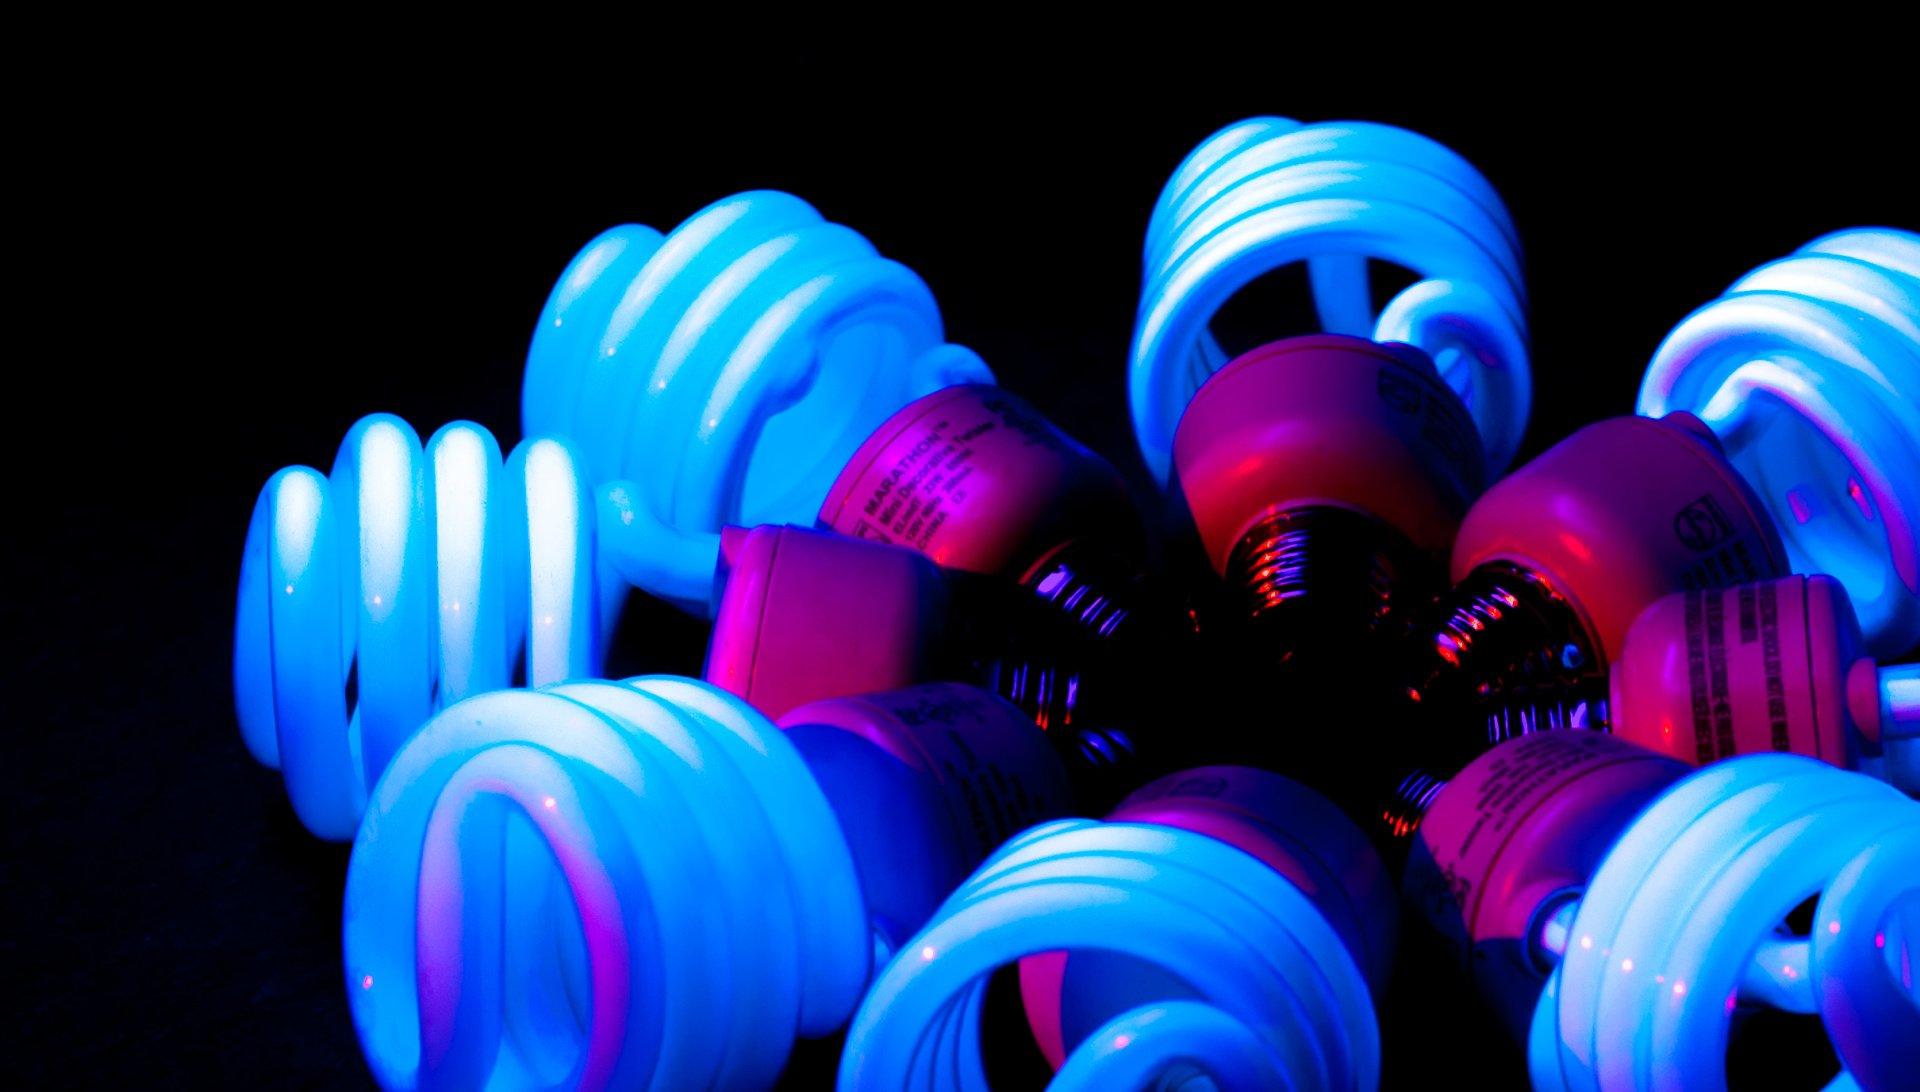 Je modré světlo špatné? Vždy tomu tak není, naše životy ale významně ovlivňuje